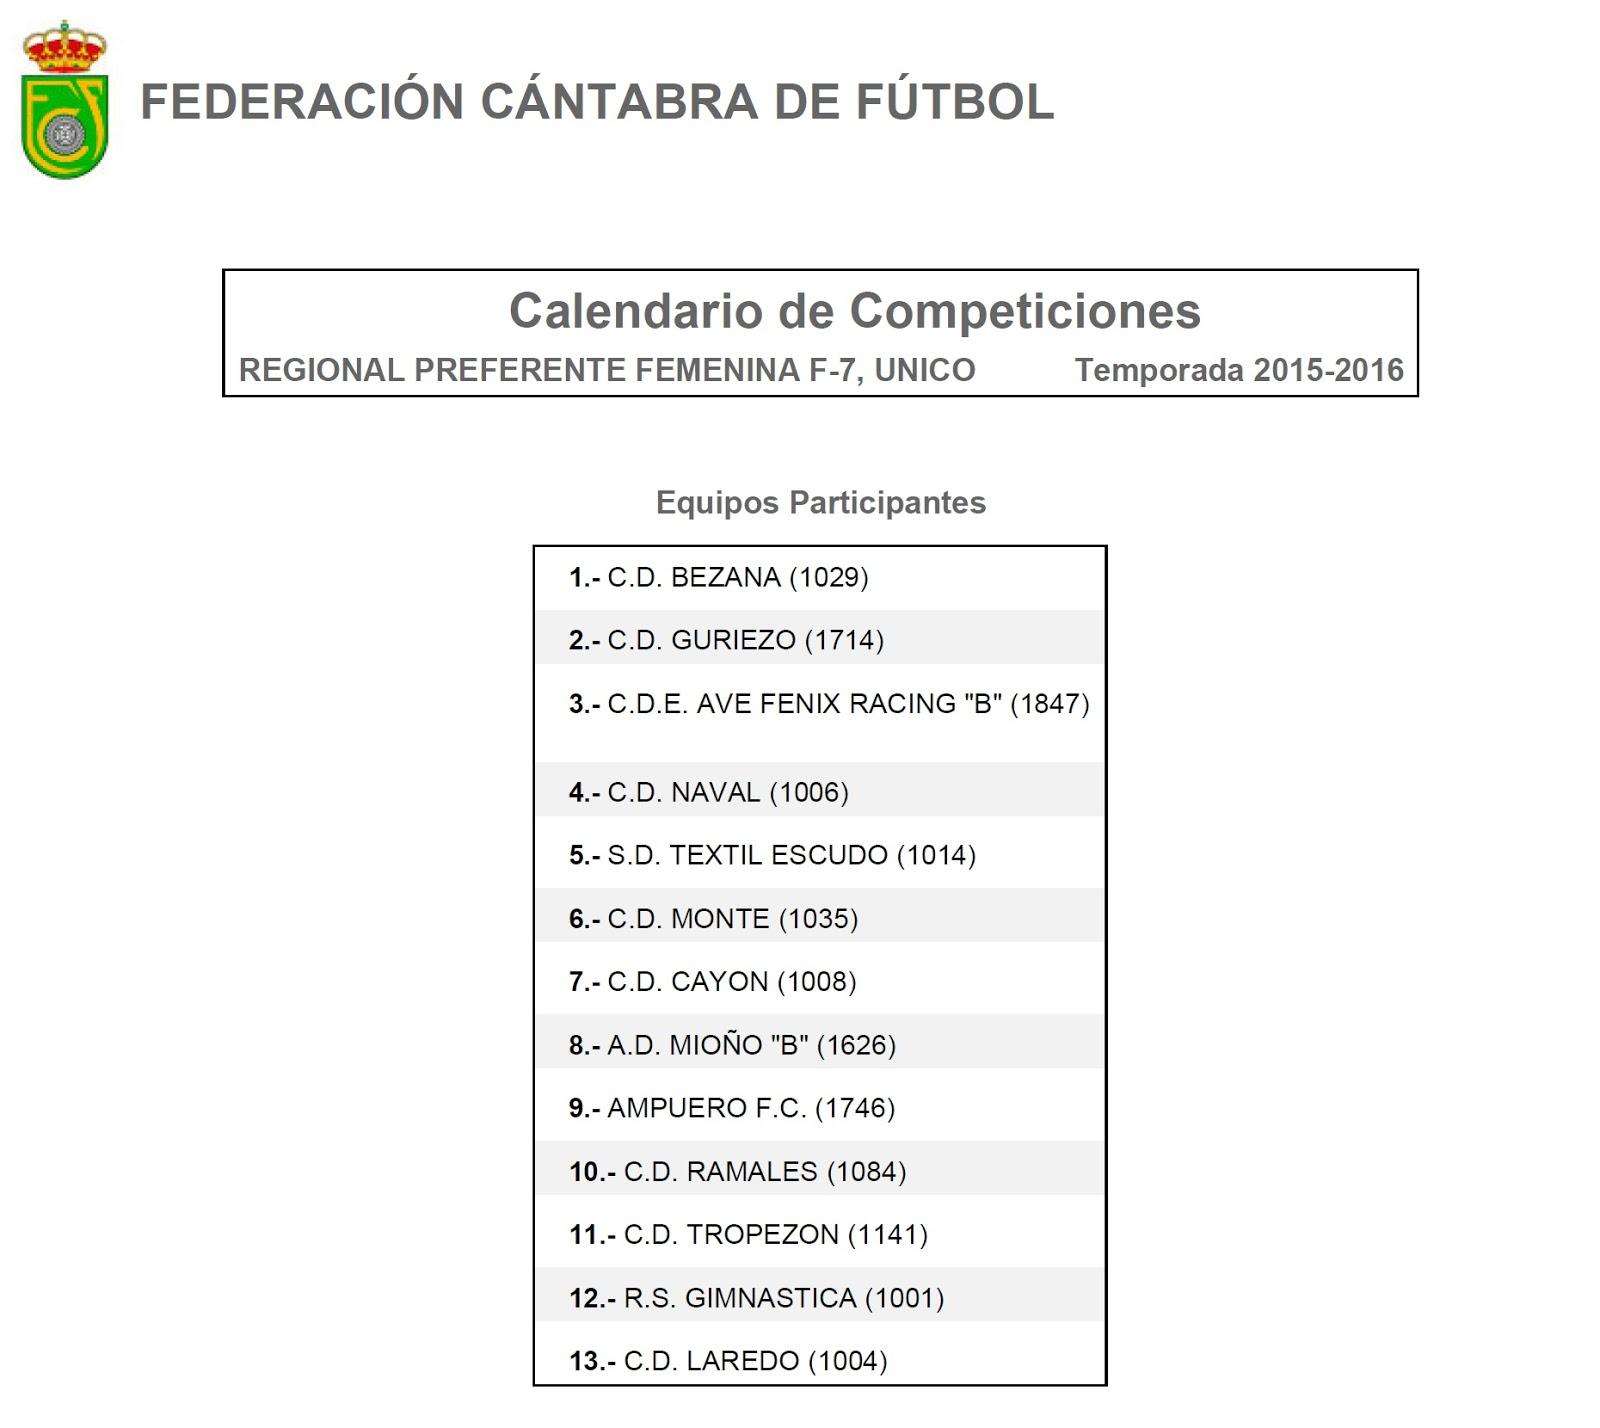 Calendario Liga Femenina.Ampuero F C Liga Femenina Competicion Calendario